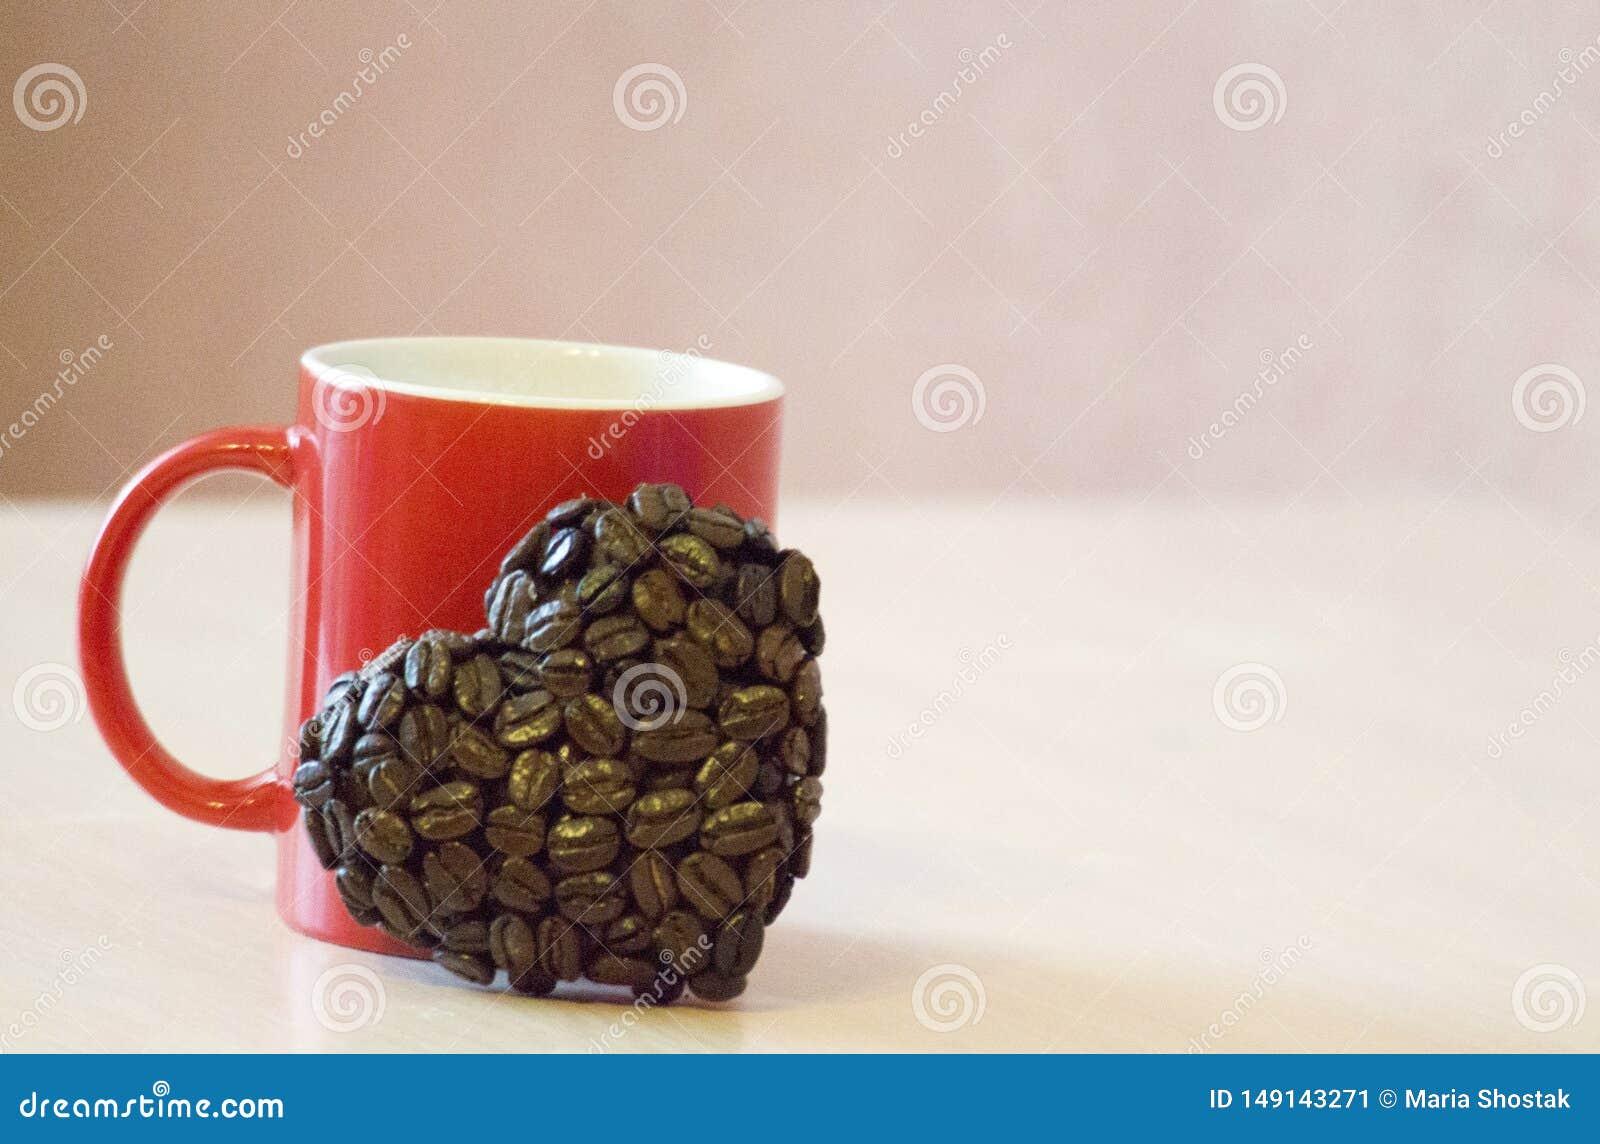 La taza roja se coloca en la tabla, cerca de la taza la forma de los granos de caf?, un s?mbolo del coraz?n del amor